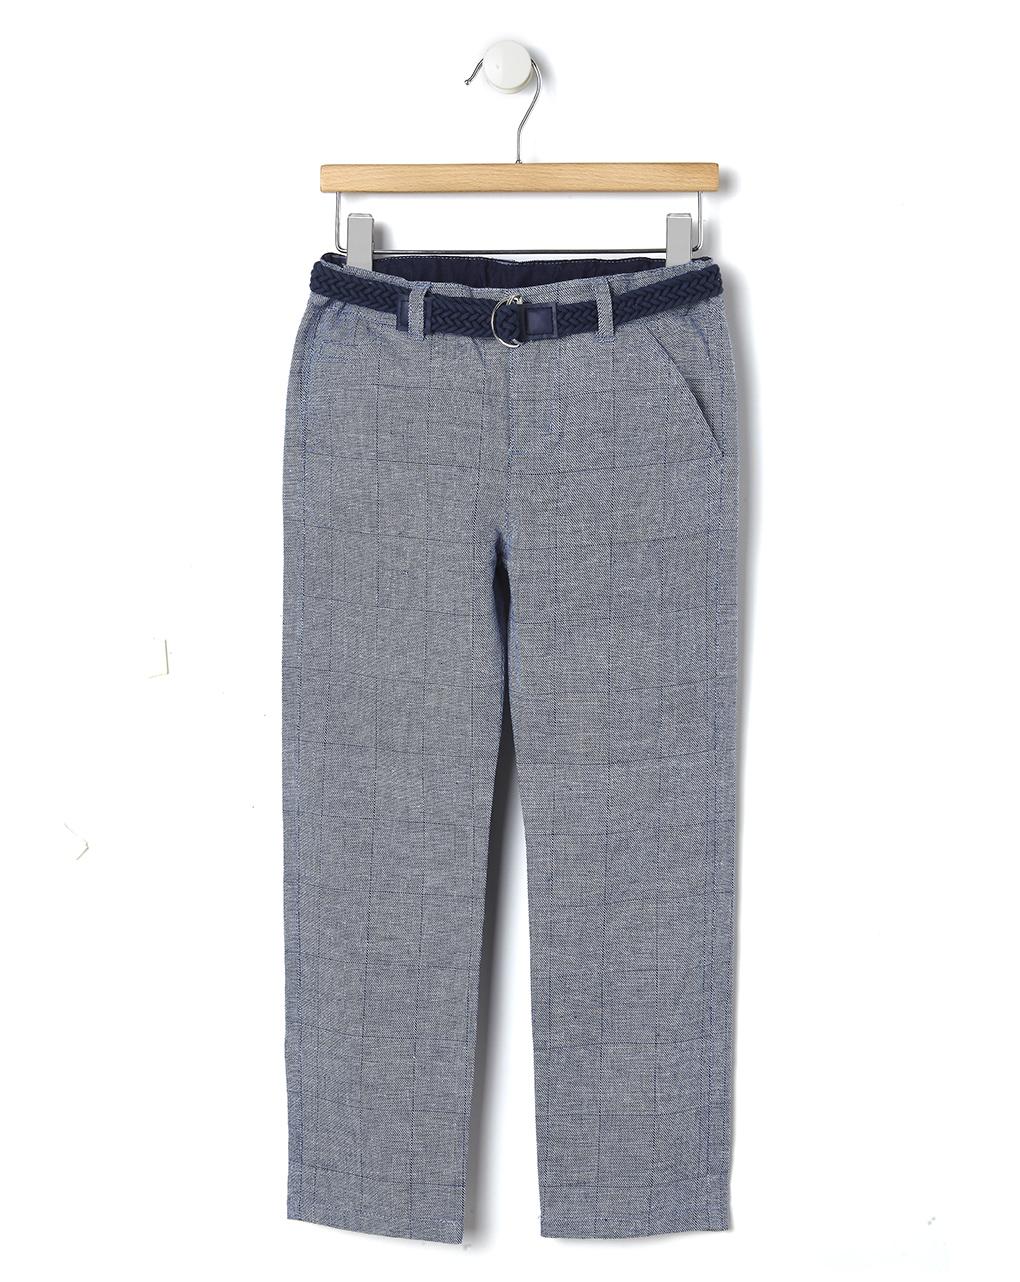 Παντελόνι Μπλε με Ζώνη για Αγόρι